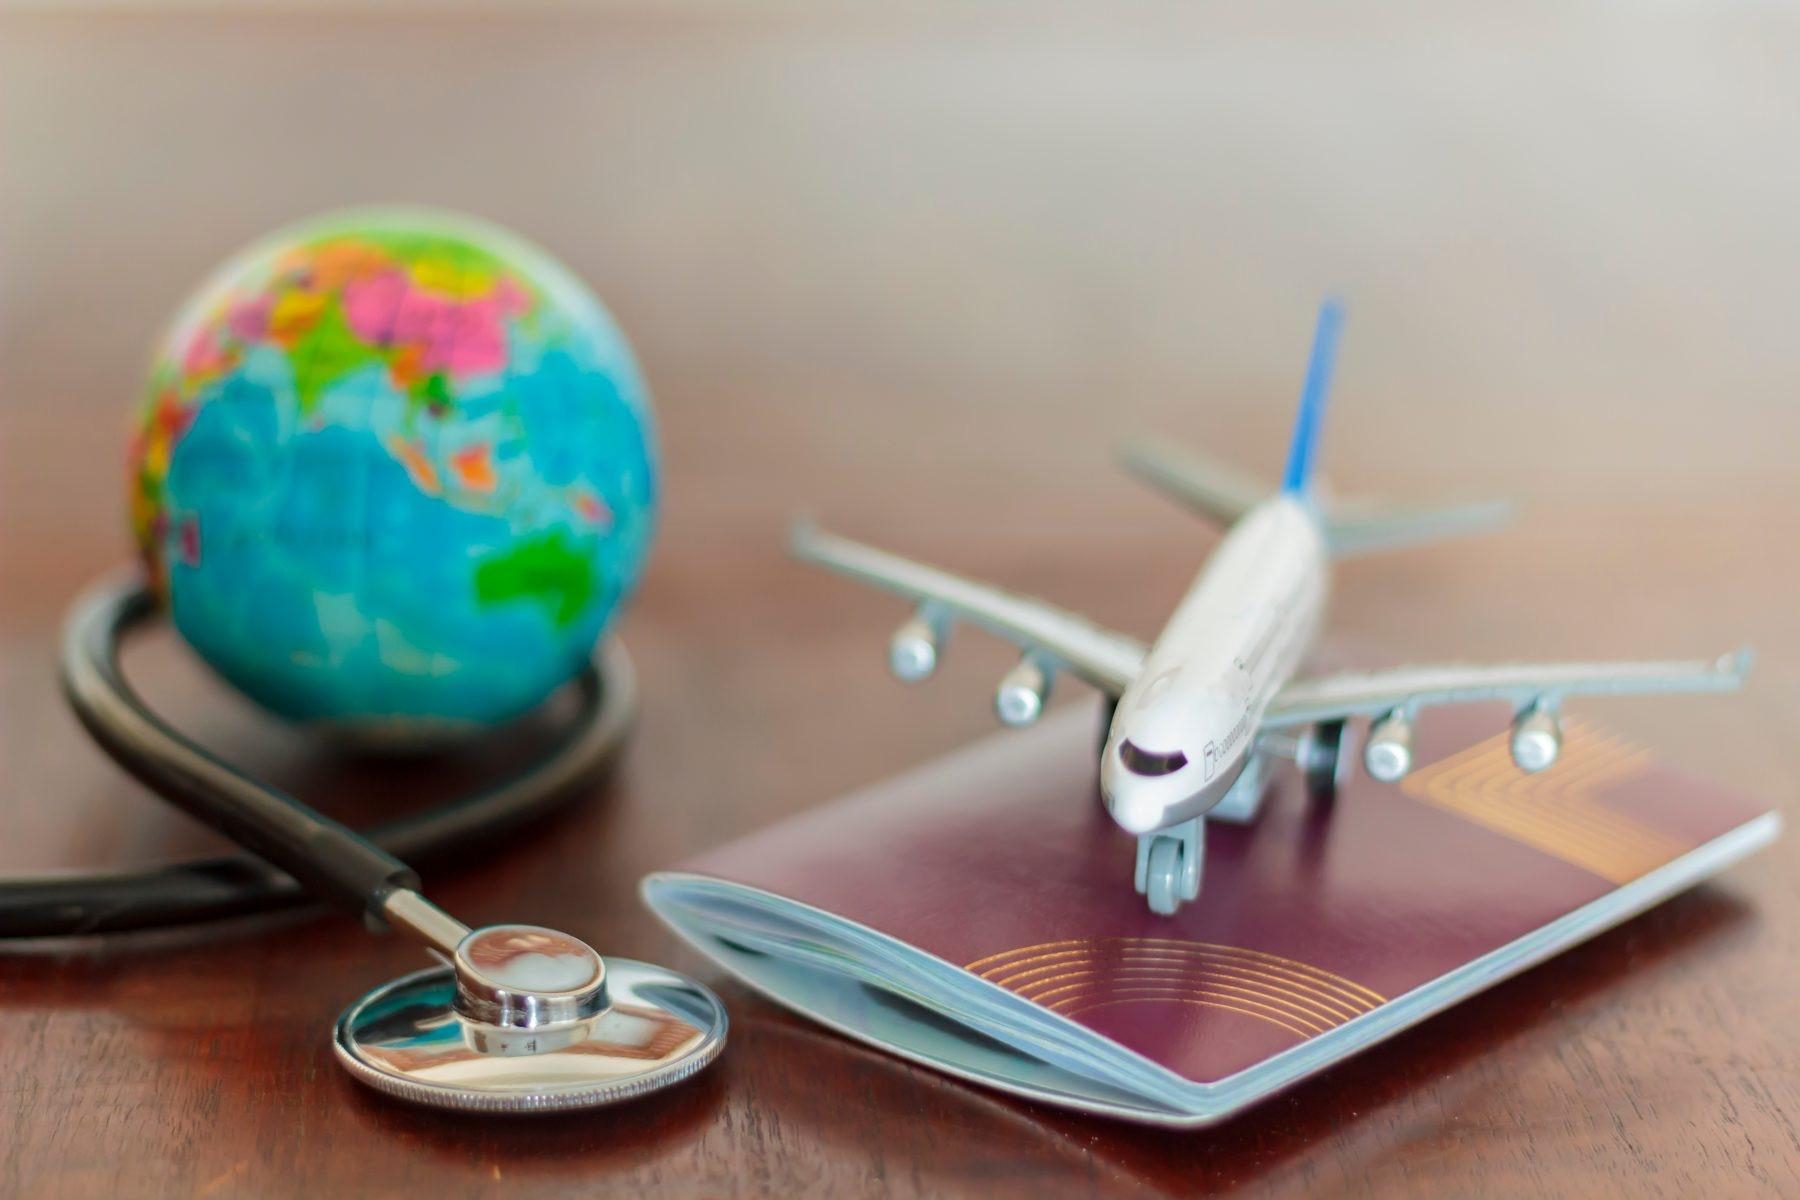 ۷ نکته حیاتی برای سلامت بدن در سفر هوایی